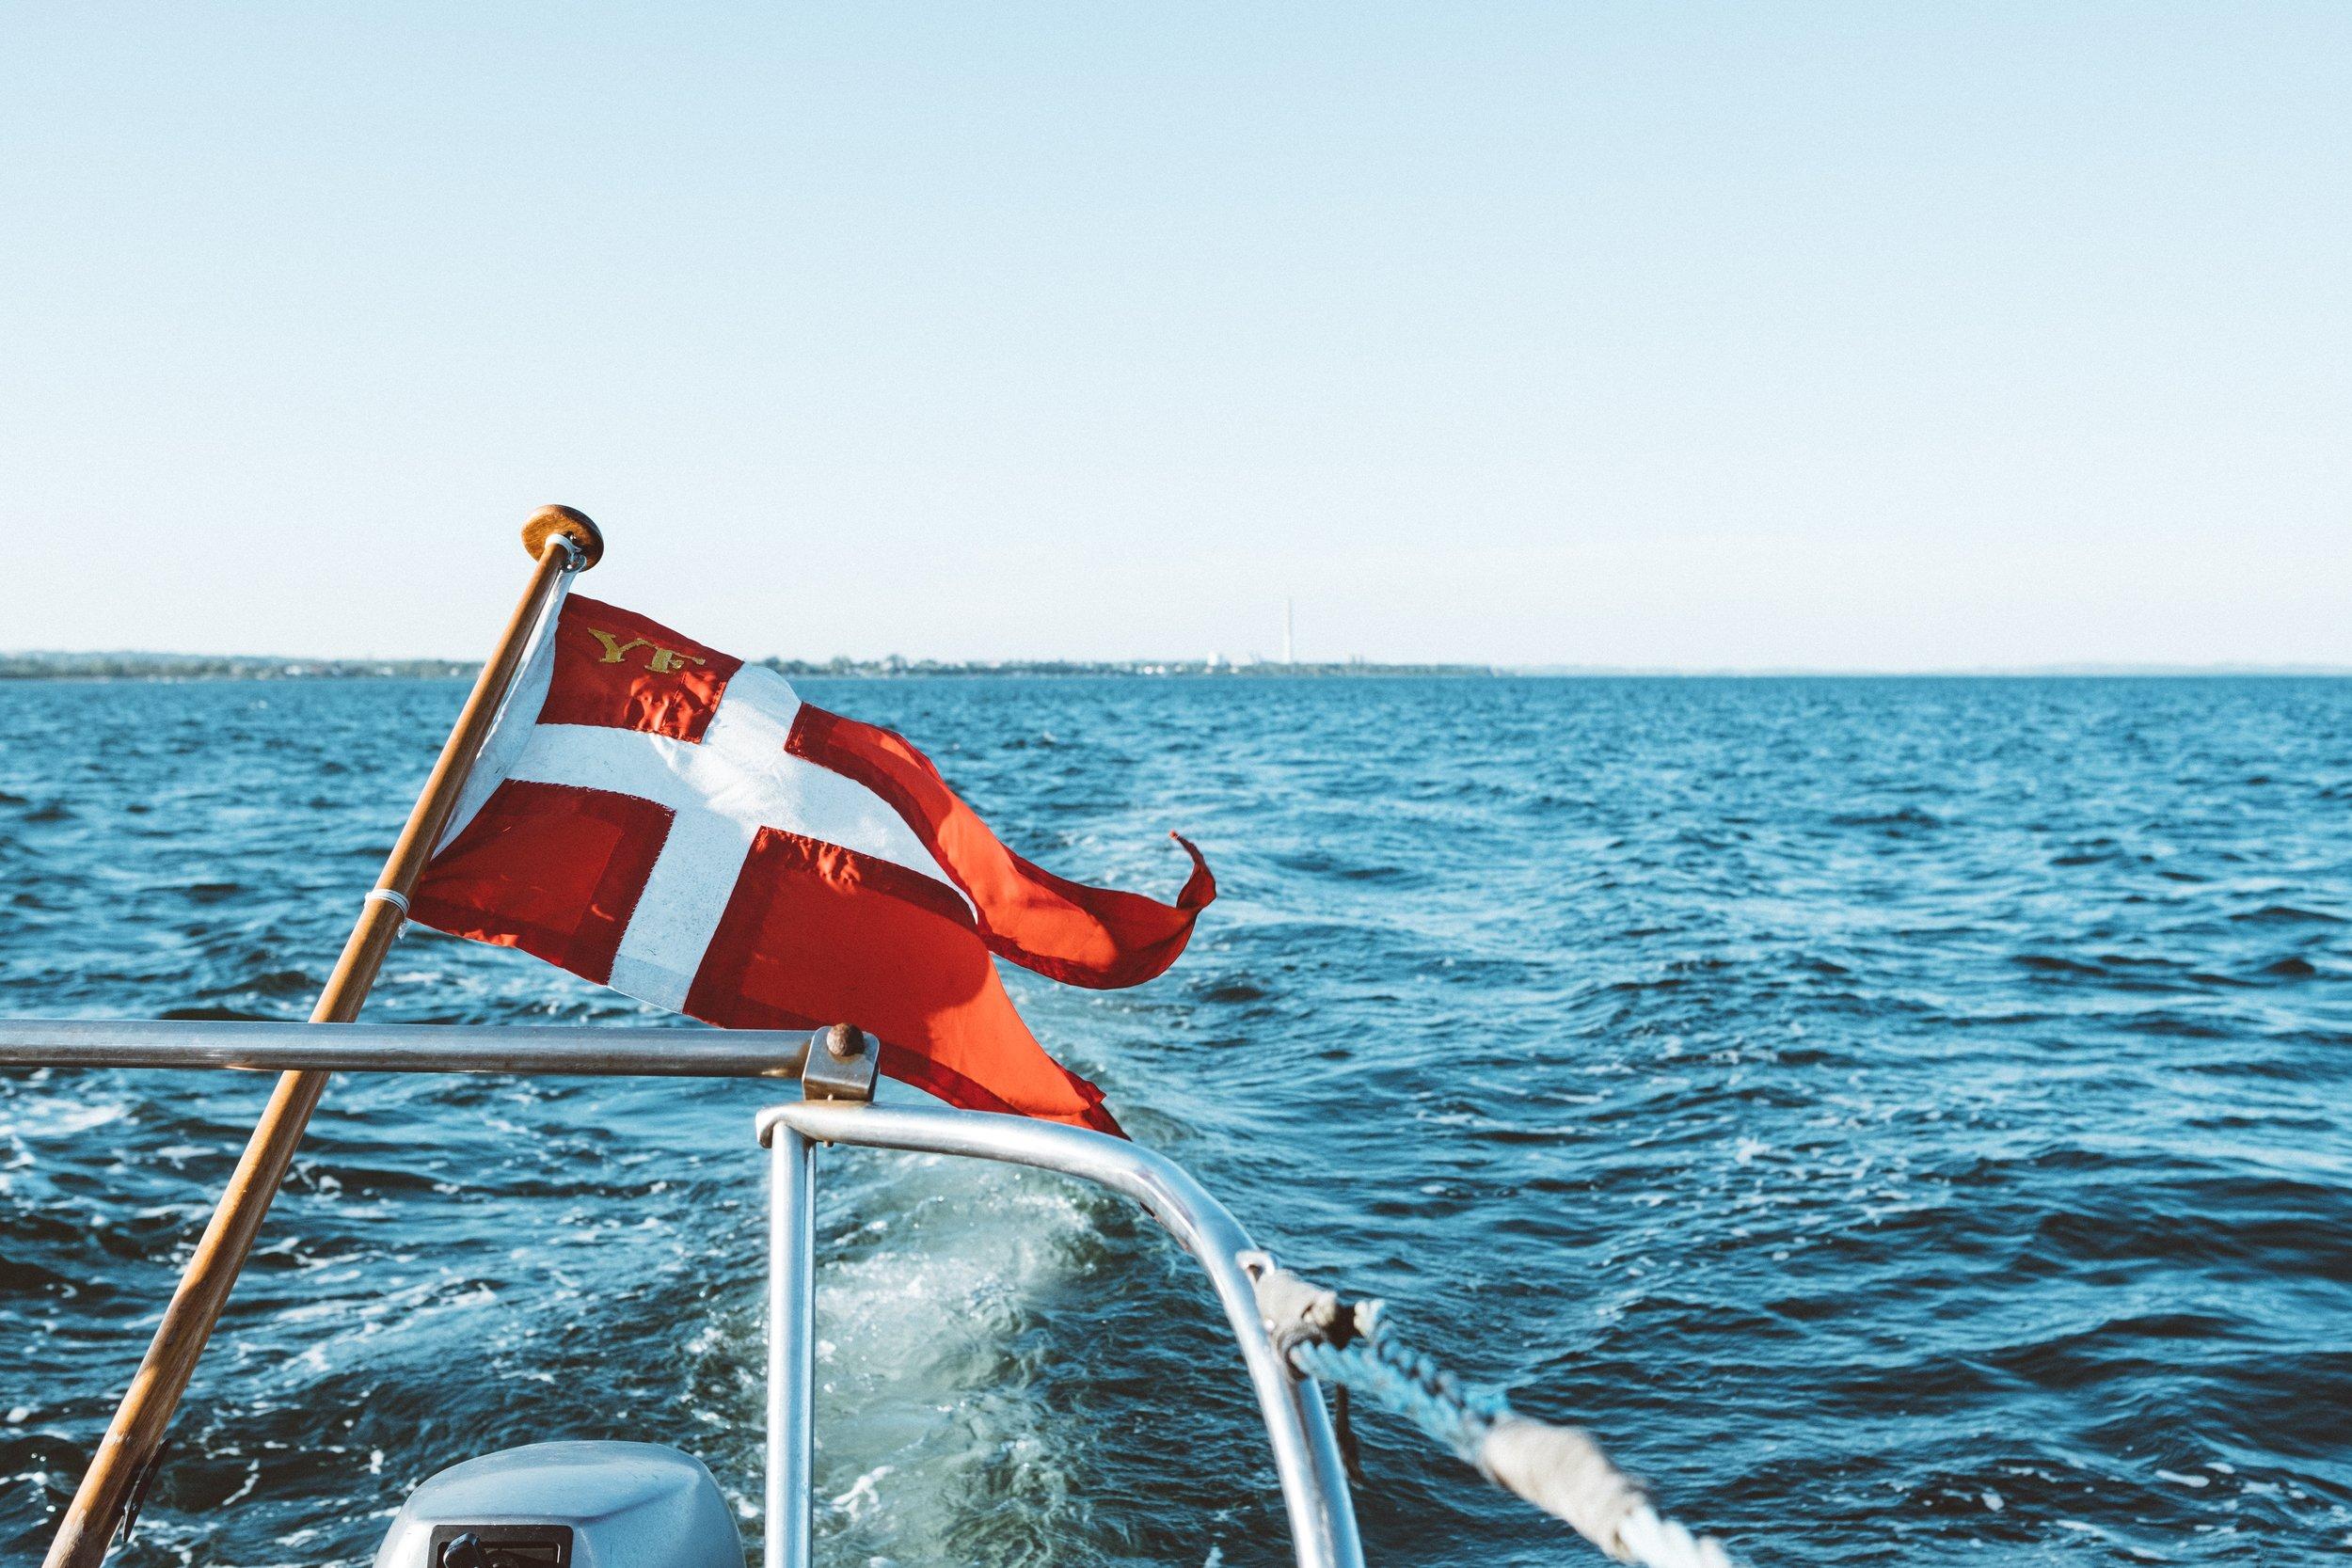 Danmark - Javnstøðupolitiska økið í Danmark er í løtuni (2019) undir uttanríkisráðnum. Tað er ásett við lóg, at avvarðandi ráð skipar fyri frágreing og virkisætlan hvørt ár.